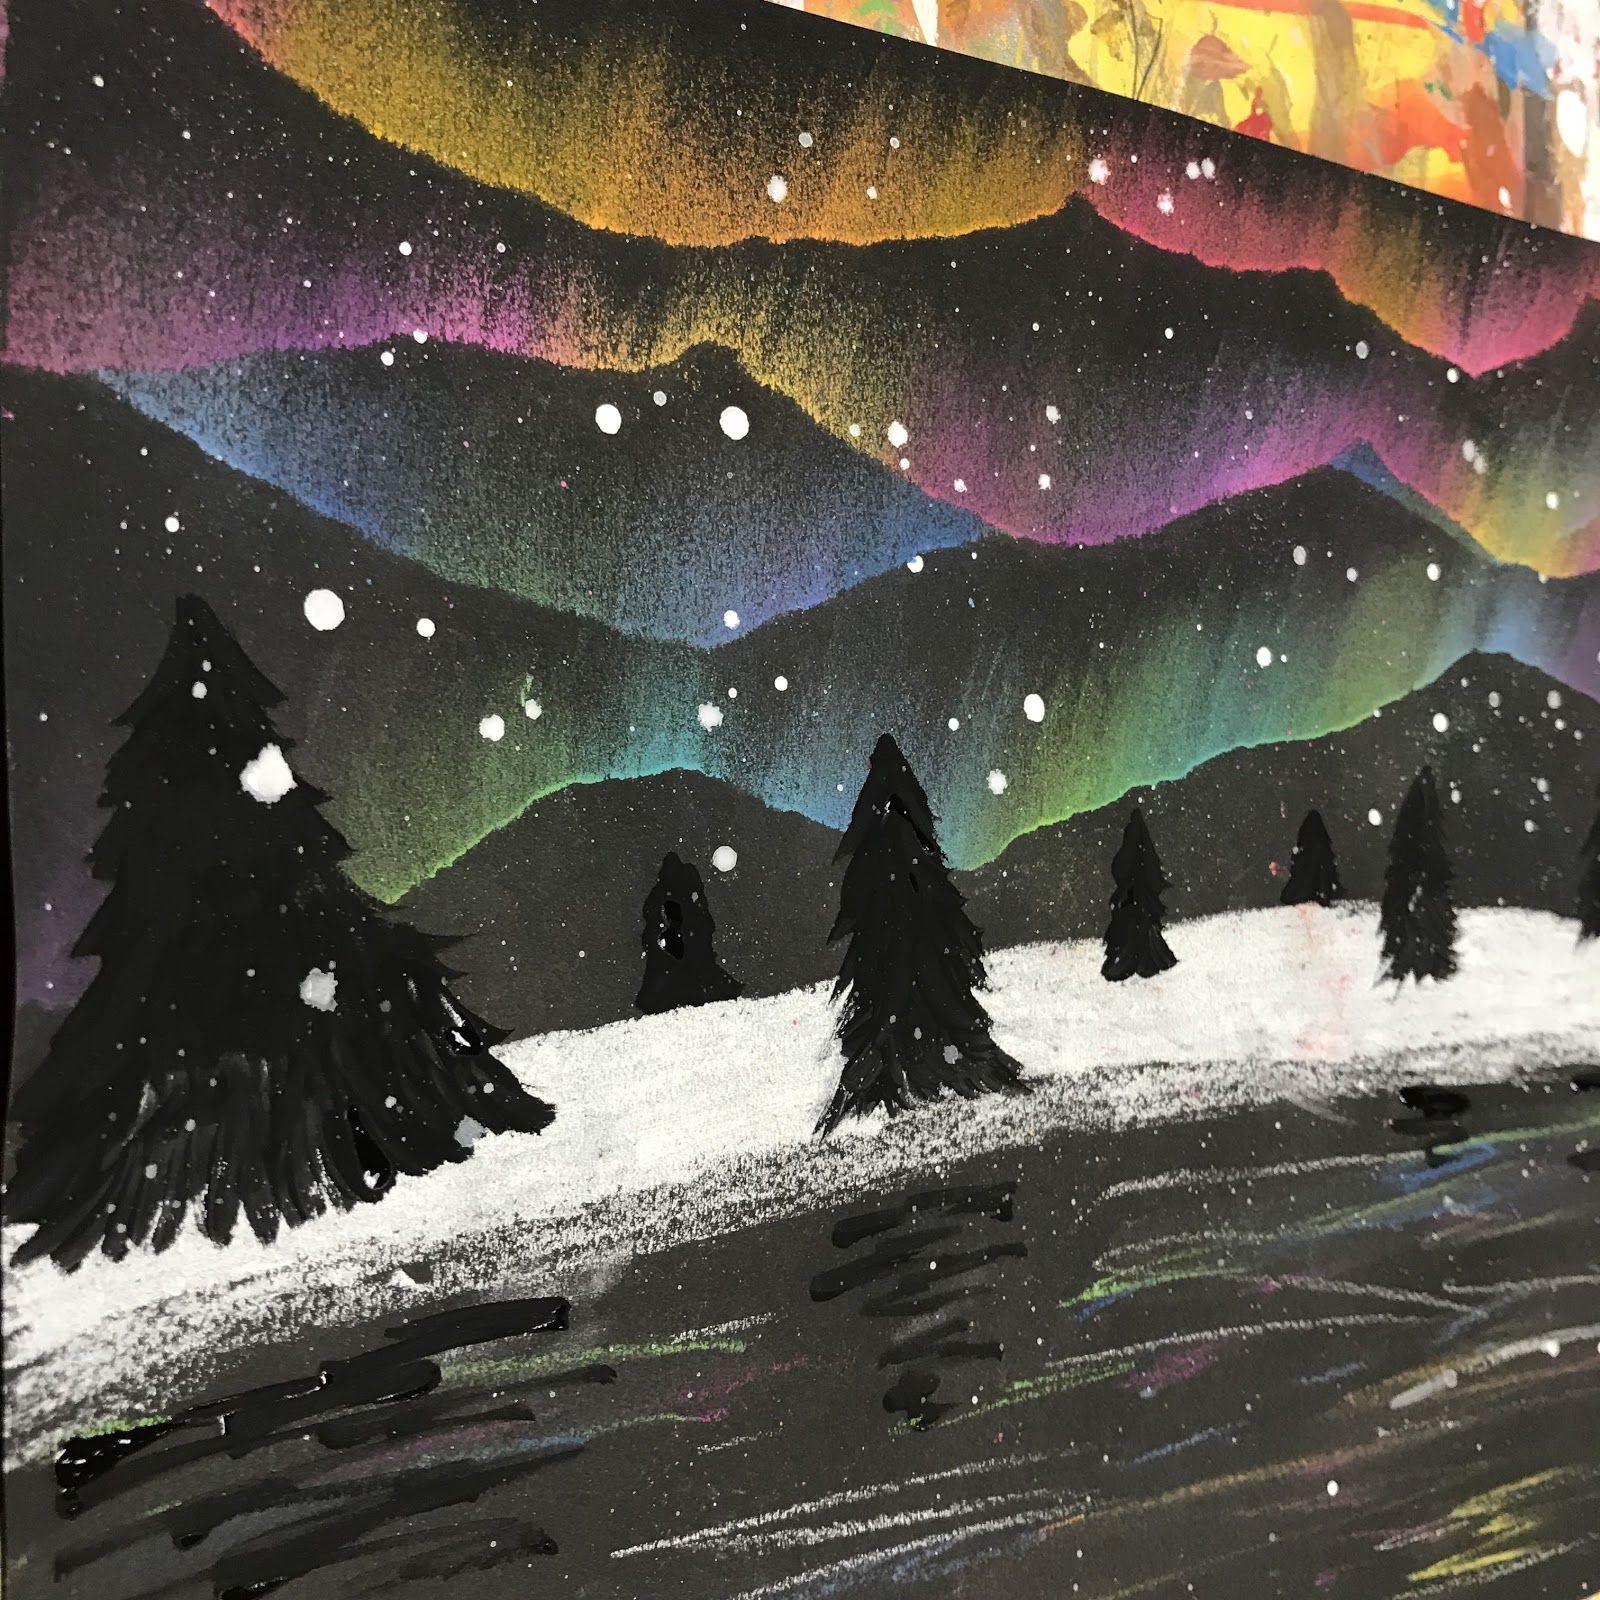 4th grade Aurora Borealis landscapes